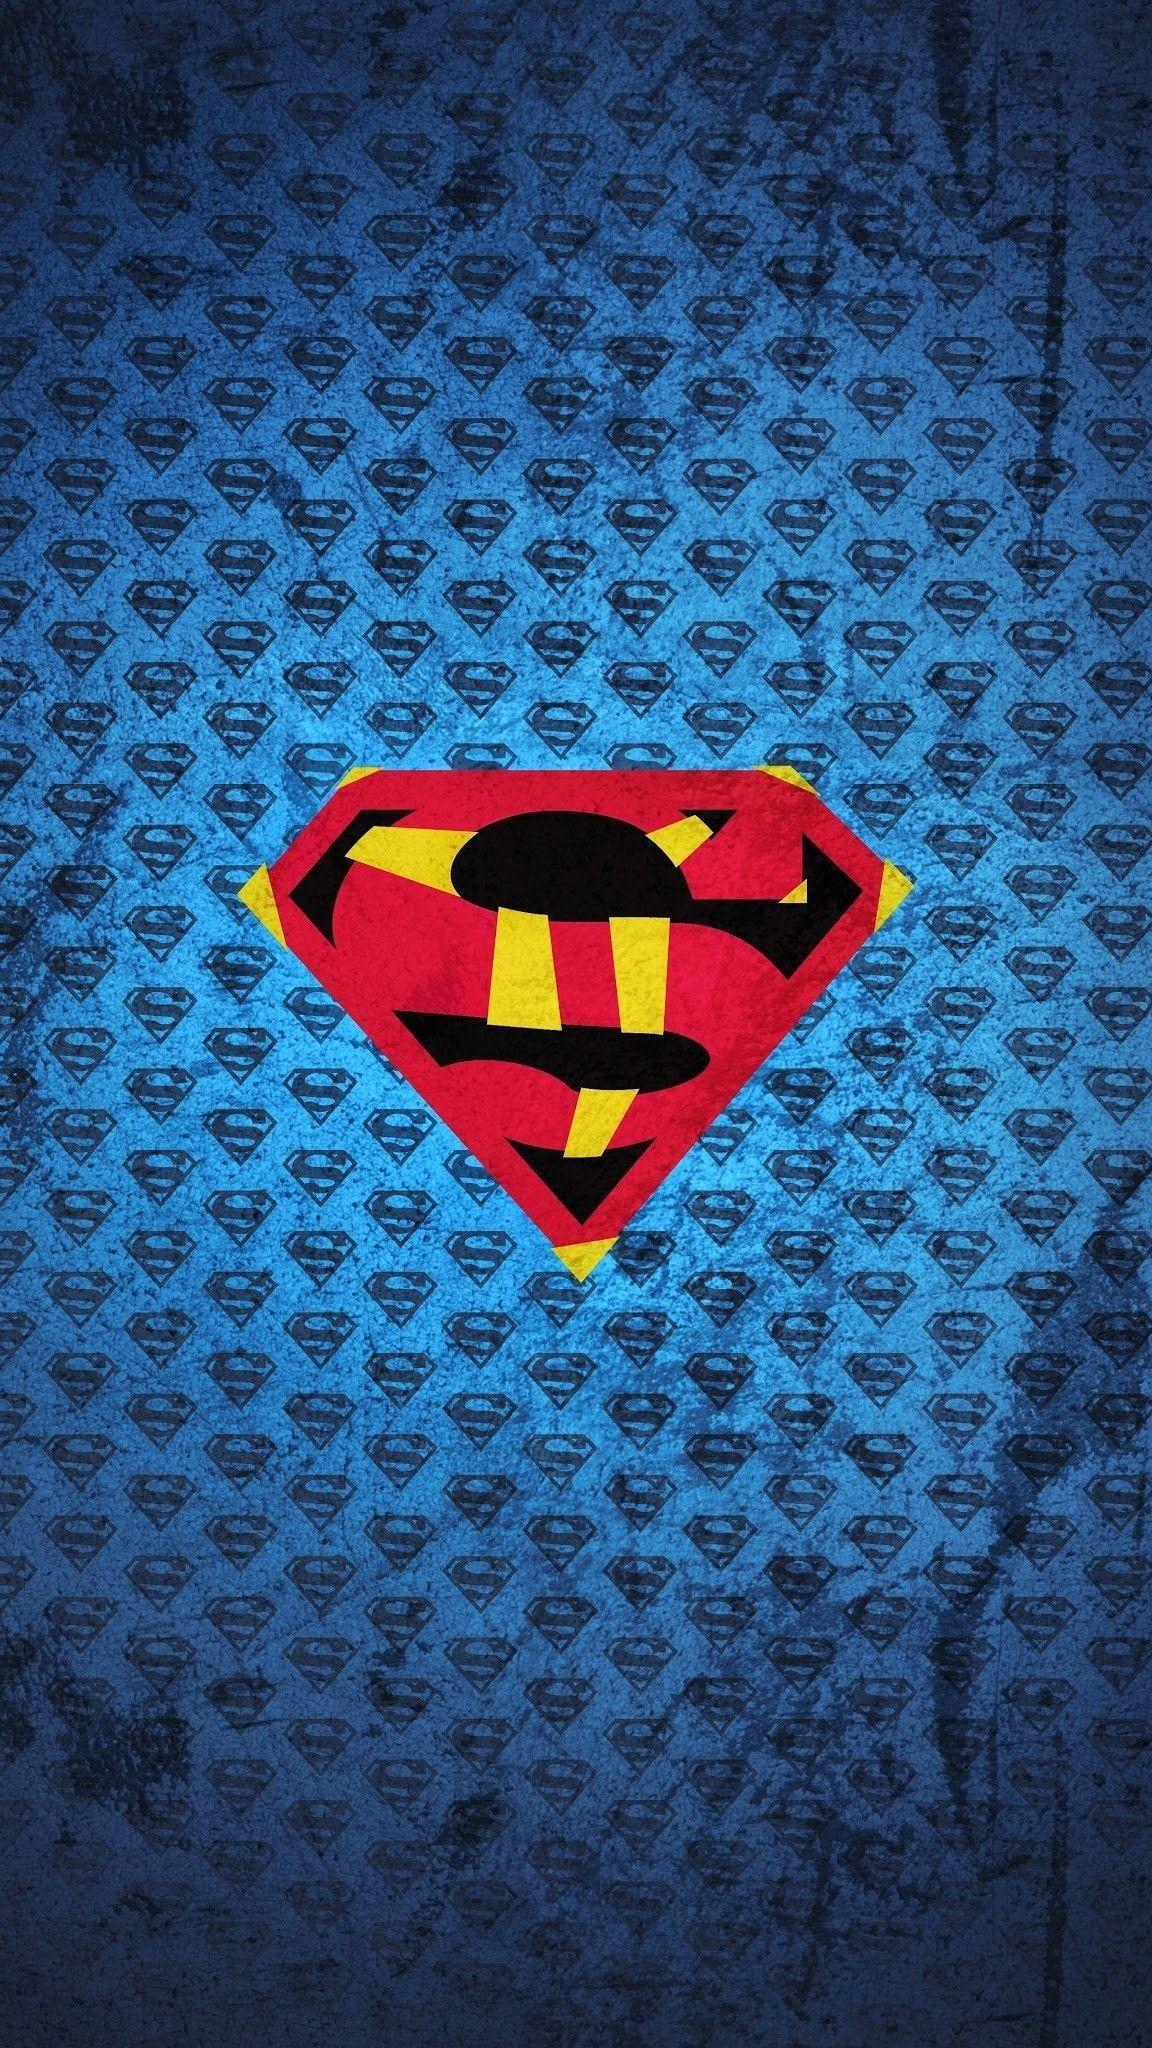 Elegant Superman Wallpaper iPhone 6 Superman artwork